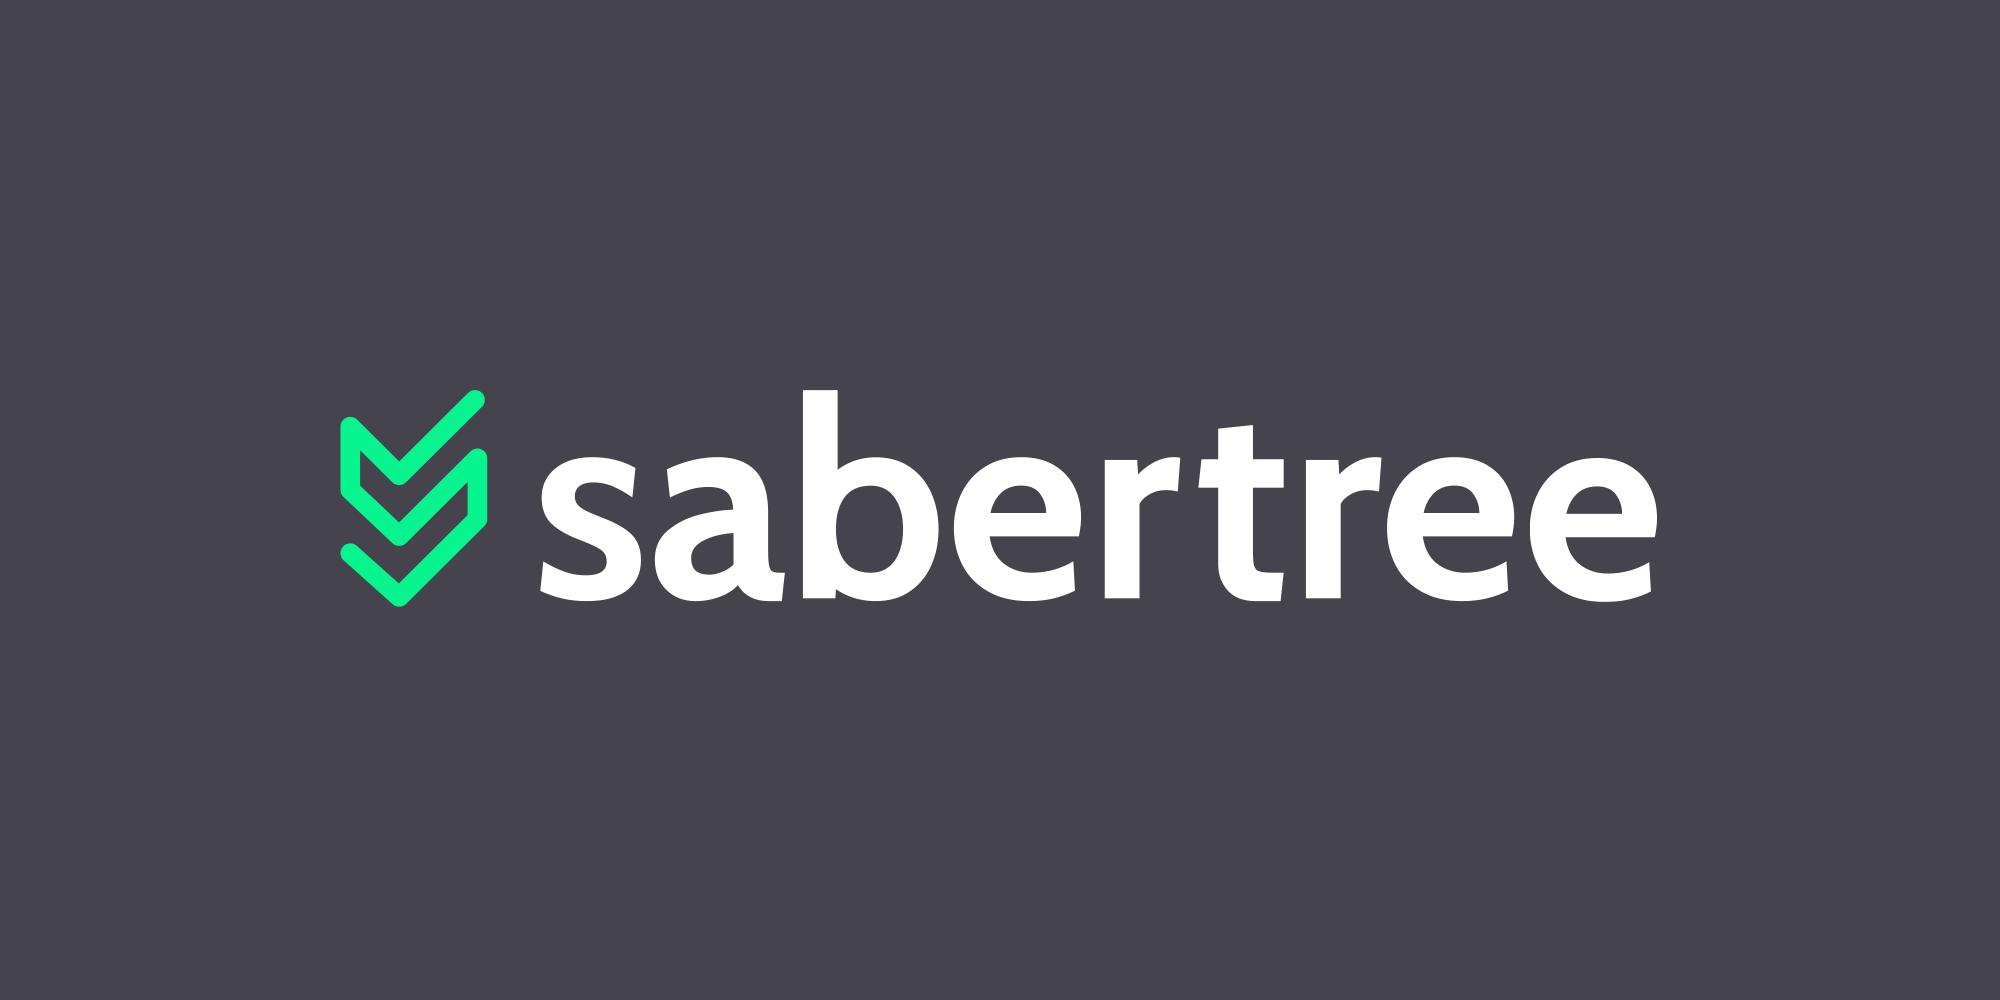 Sabertree